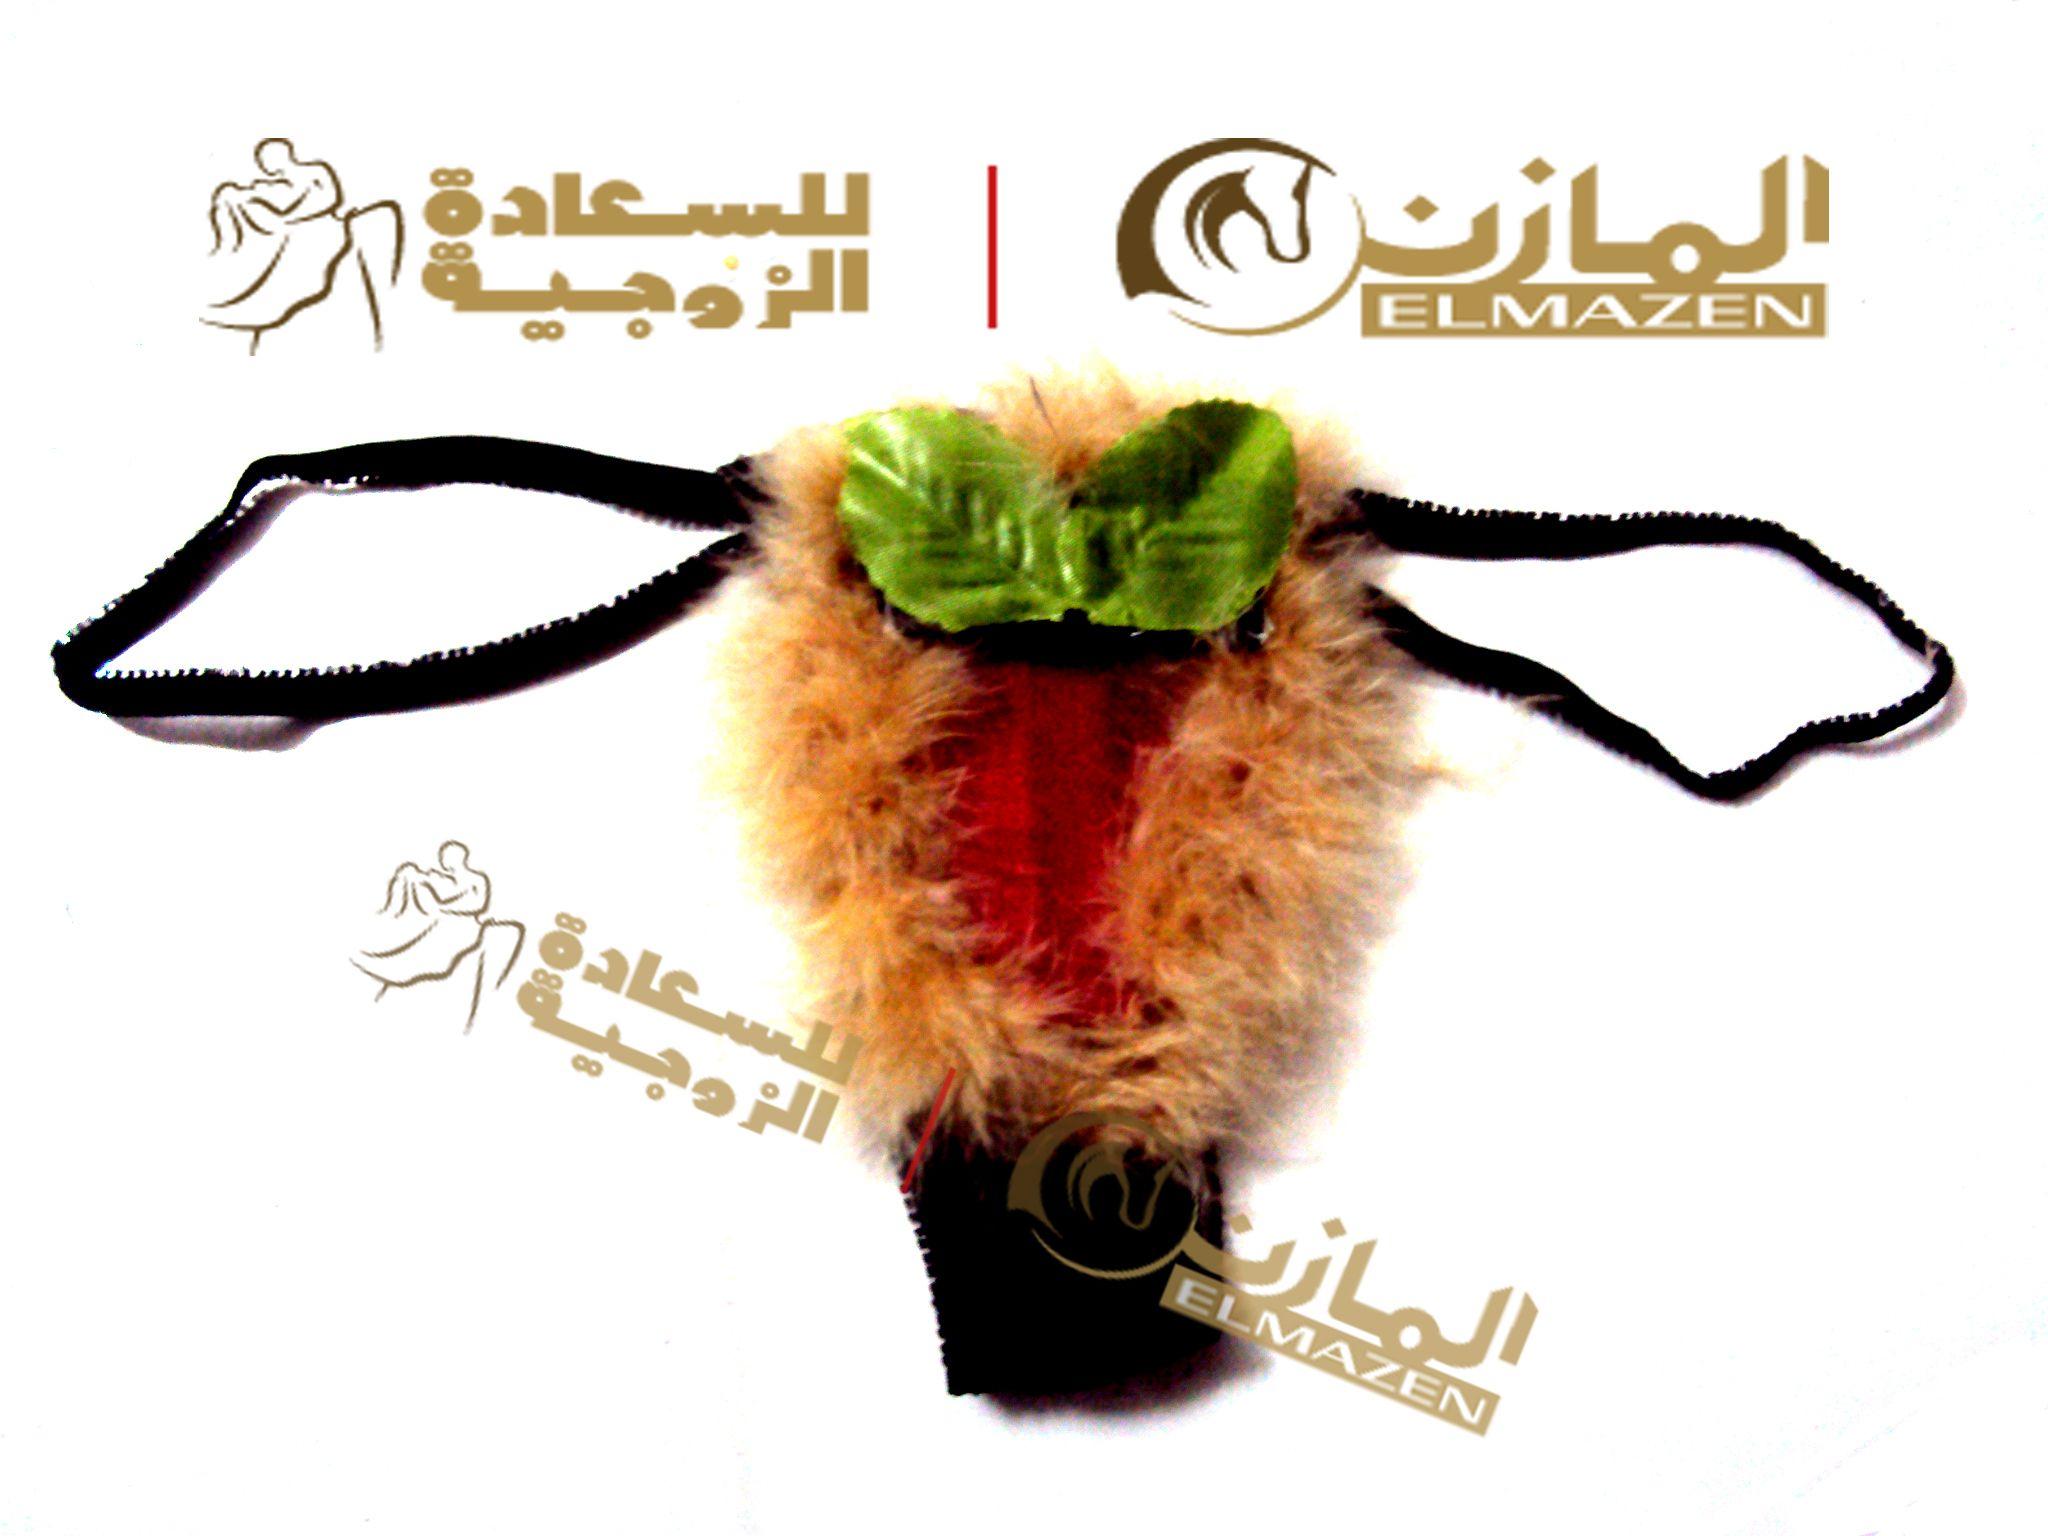 اندروير اندر التلفزيون لعبة زوجية فى مصر فكاهى ومرح ويعطى انطباعا وشعورا جديدا للزوجين فى الظلام الاندر يظهر المنطقة الحساسة باضاءة باه Eye Mask Sleep Eye Mask